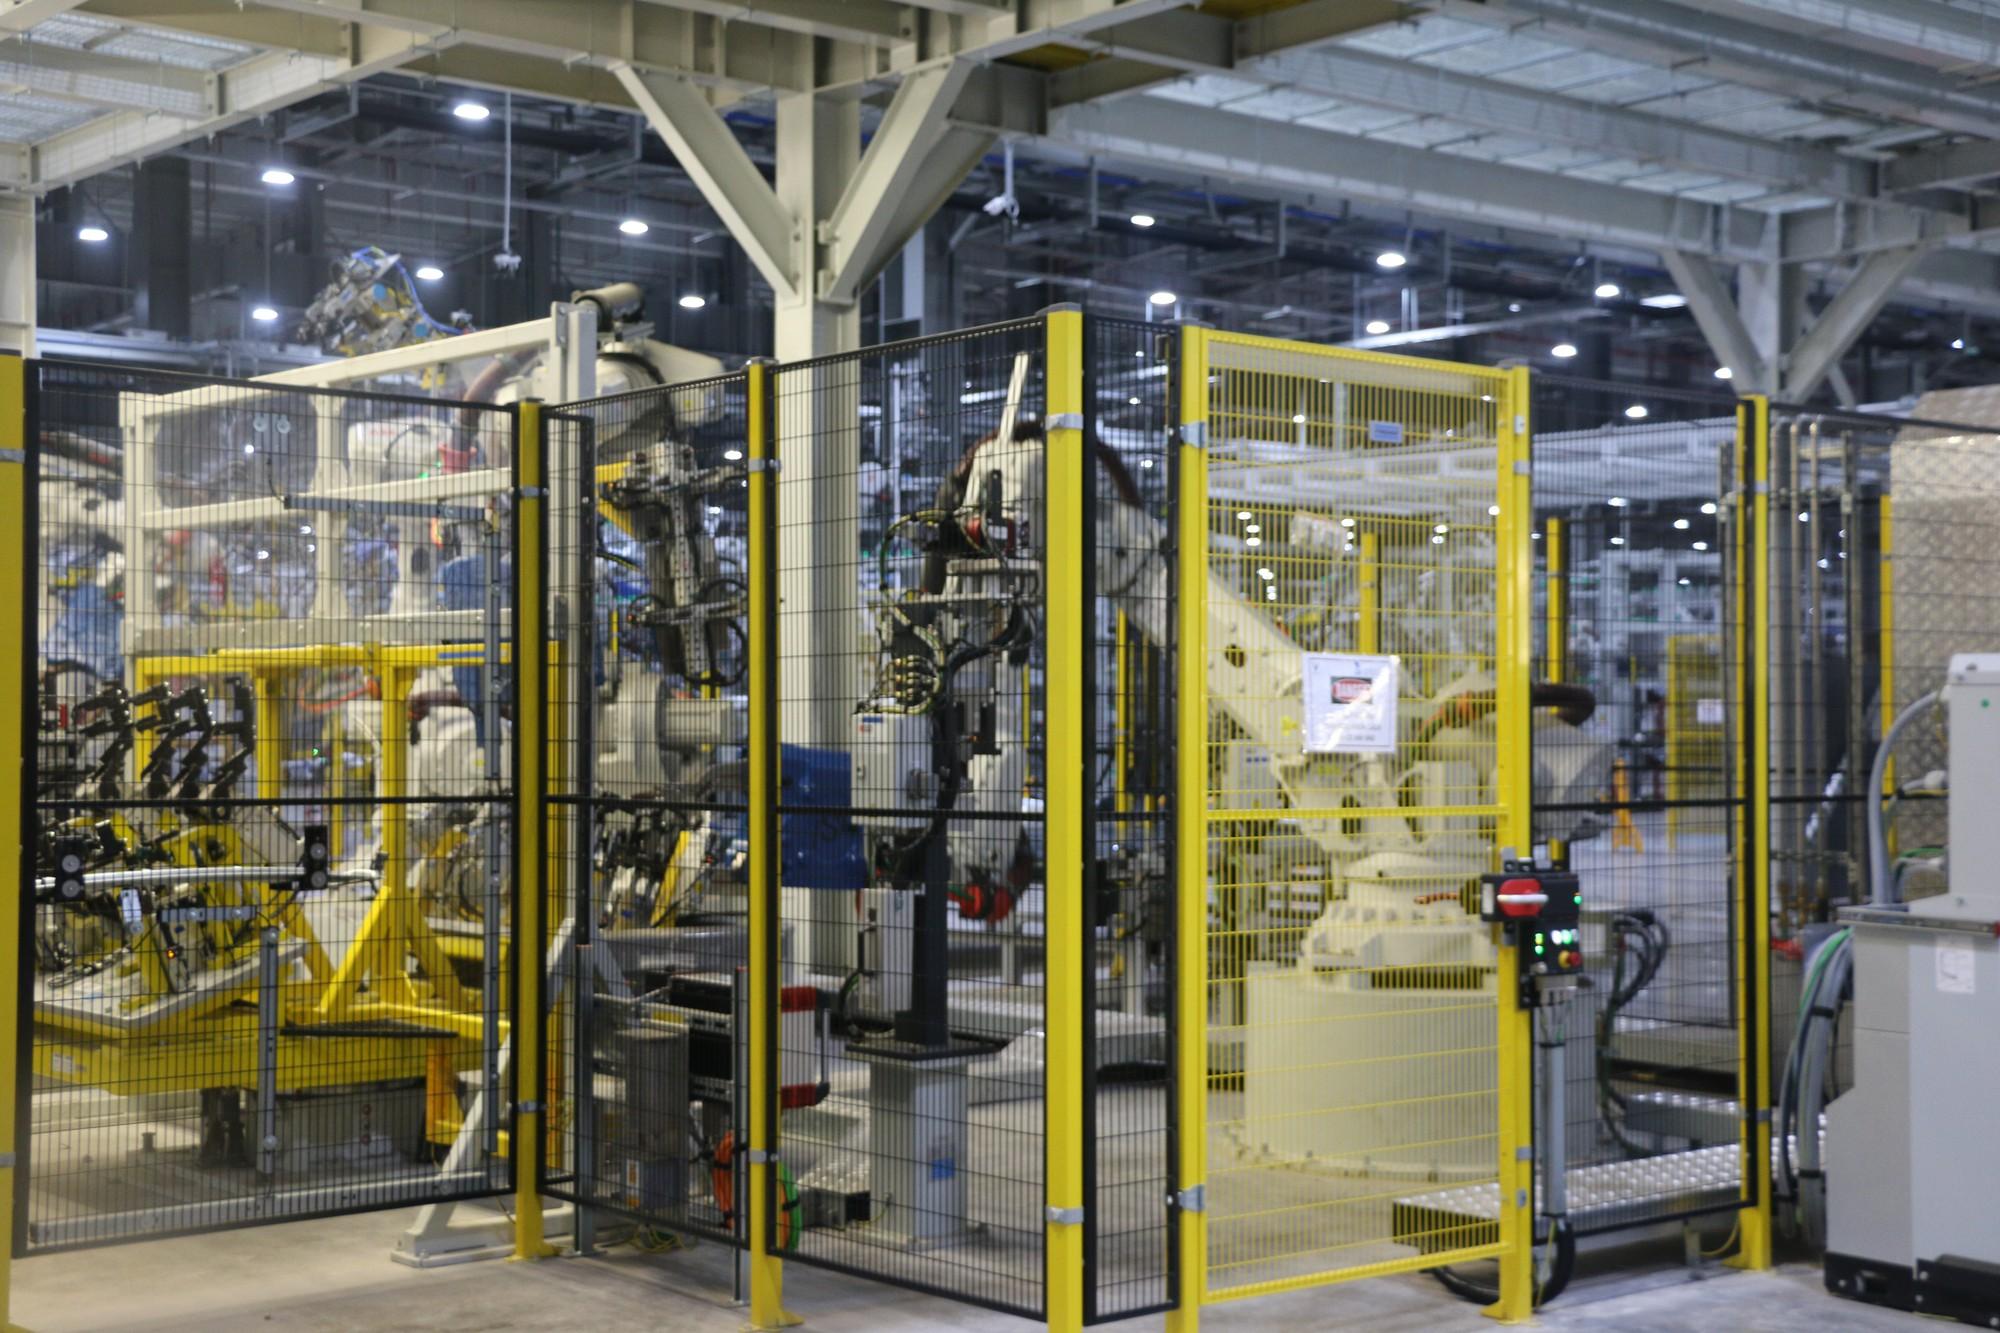 Xem quy trình lắp ráp ôtô VinFast trước ngày đi vào sản xuất thương mại - Ảnh 3.